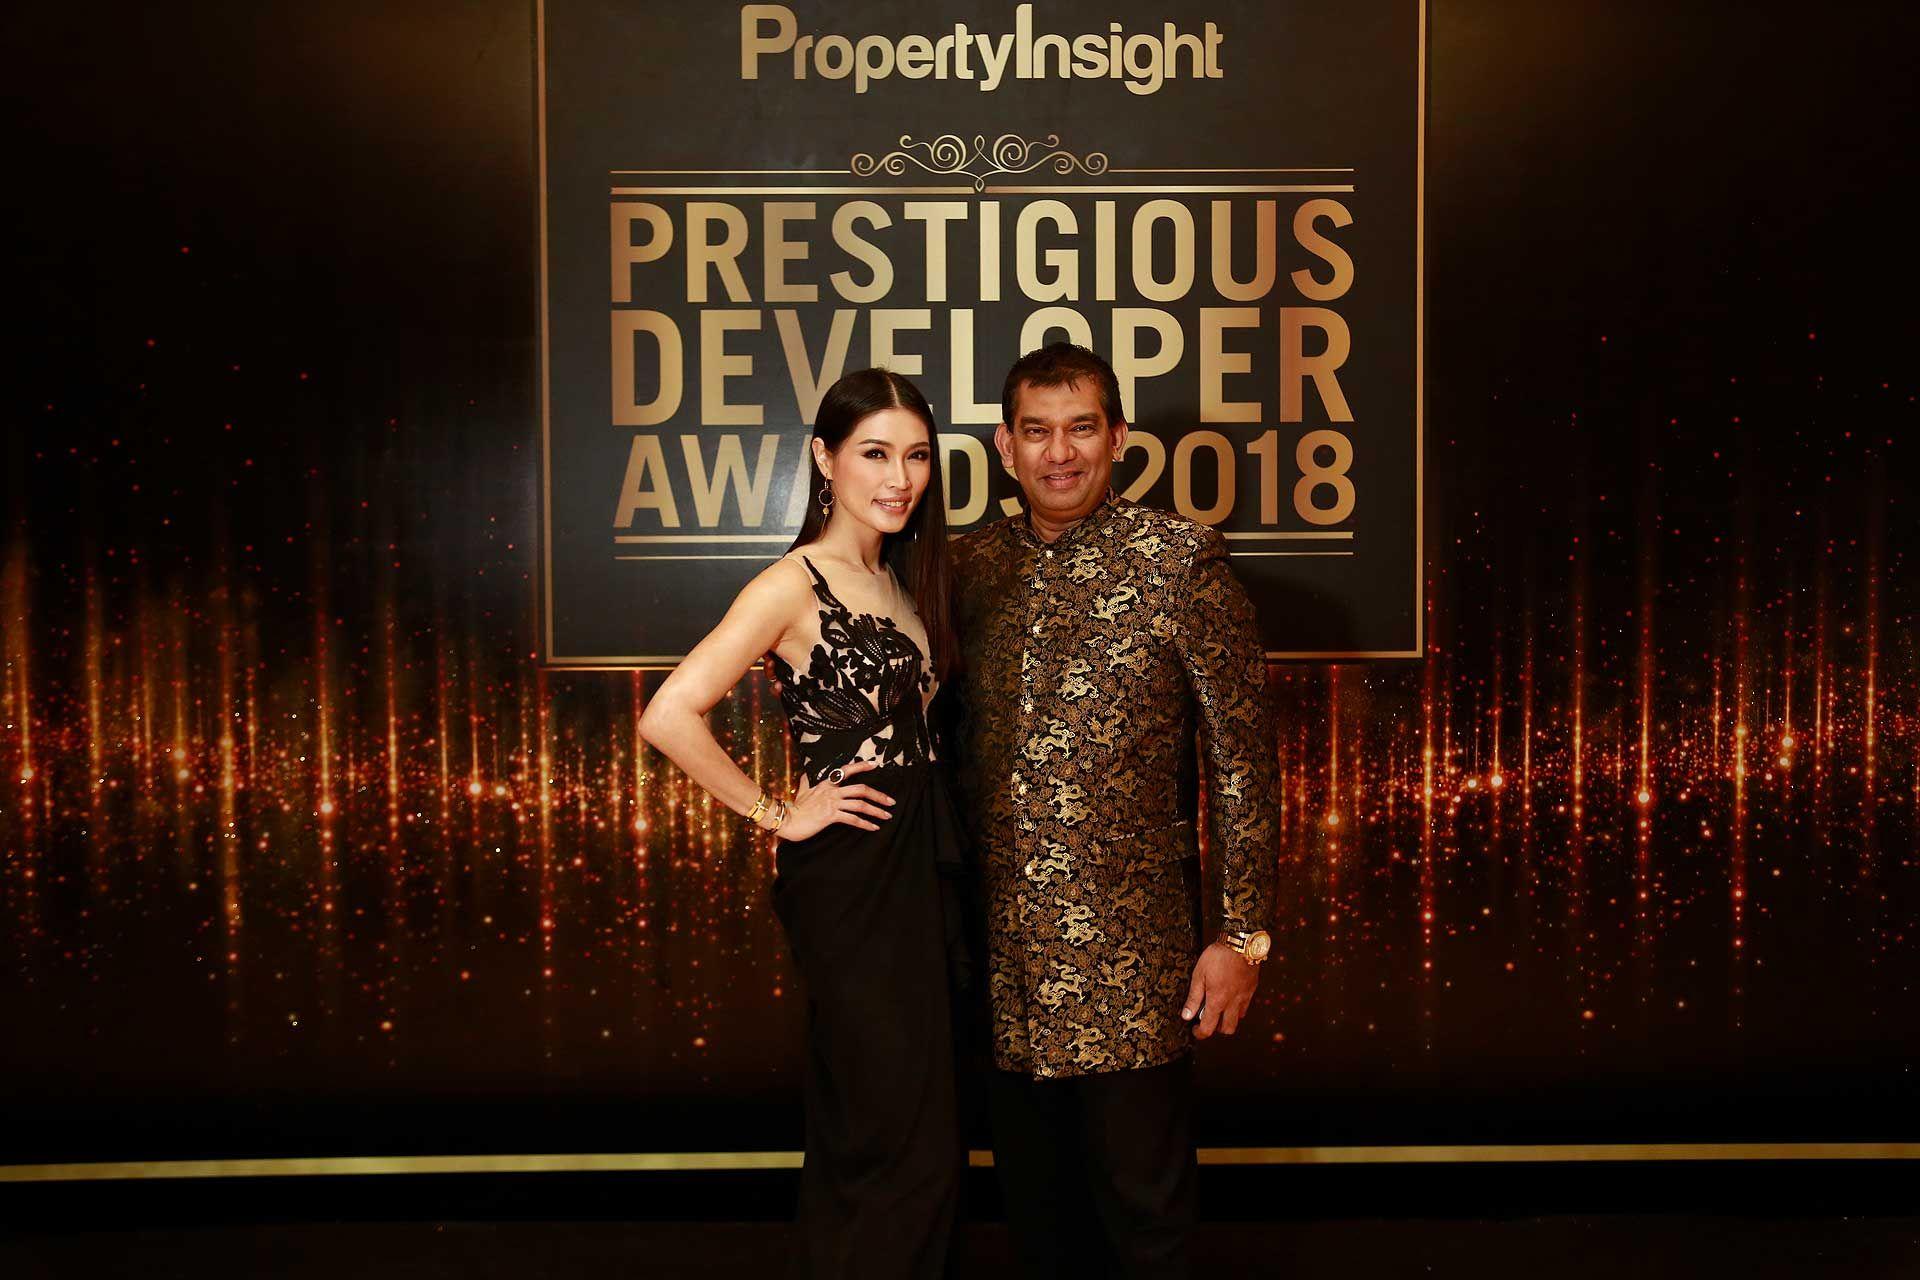 Amber Chia and Dato' Sri Andrew Abishegam